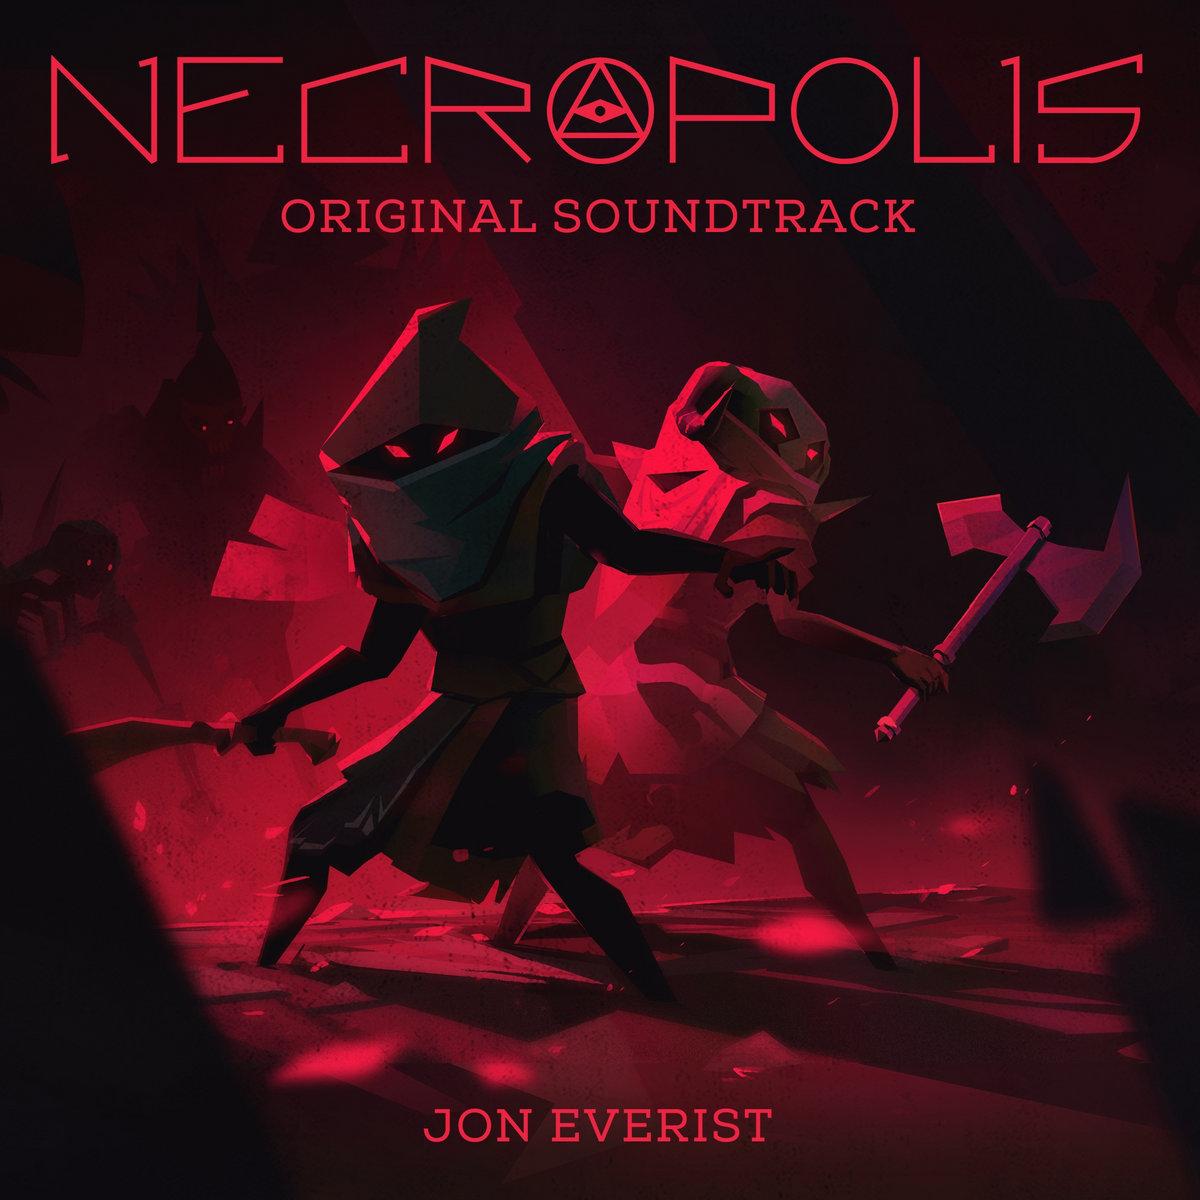 Necropolis Original Soundtrack